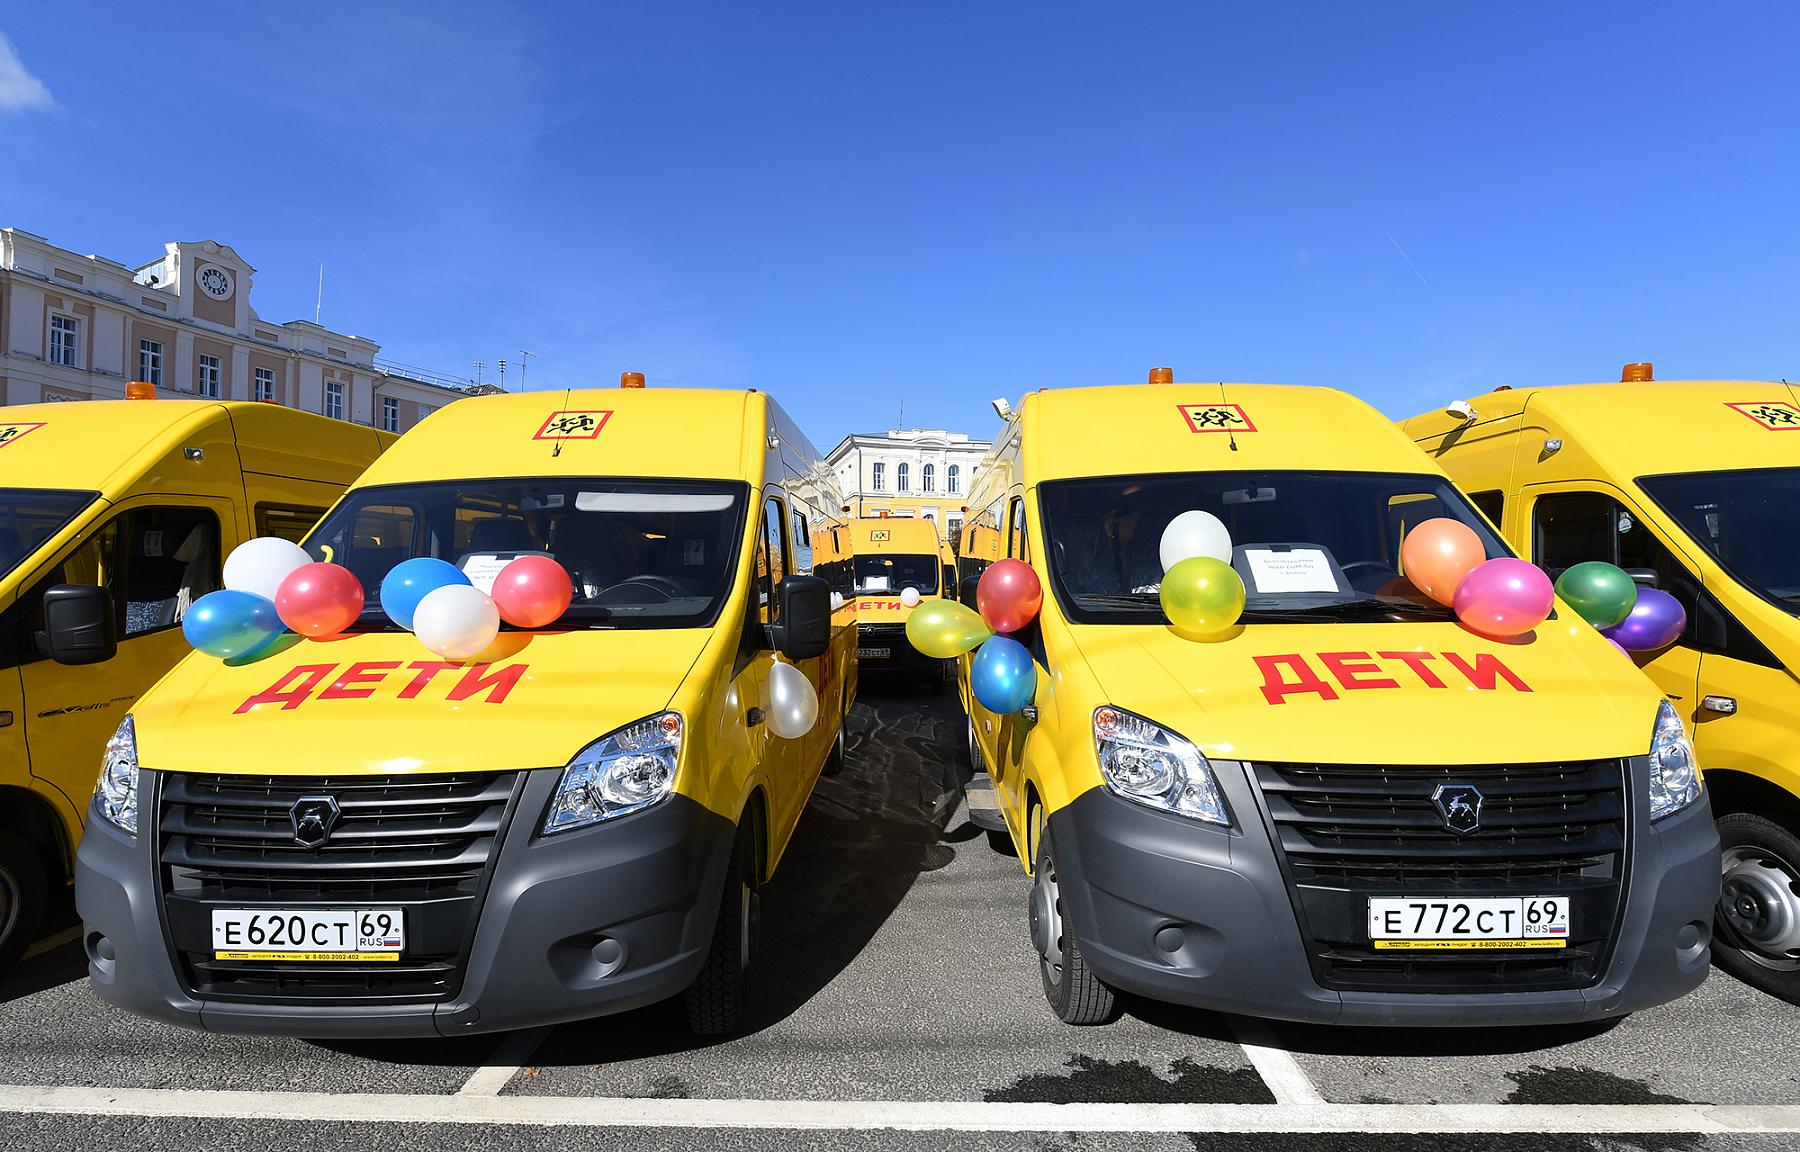 Нелидовские школы получили новый автобус для учеников